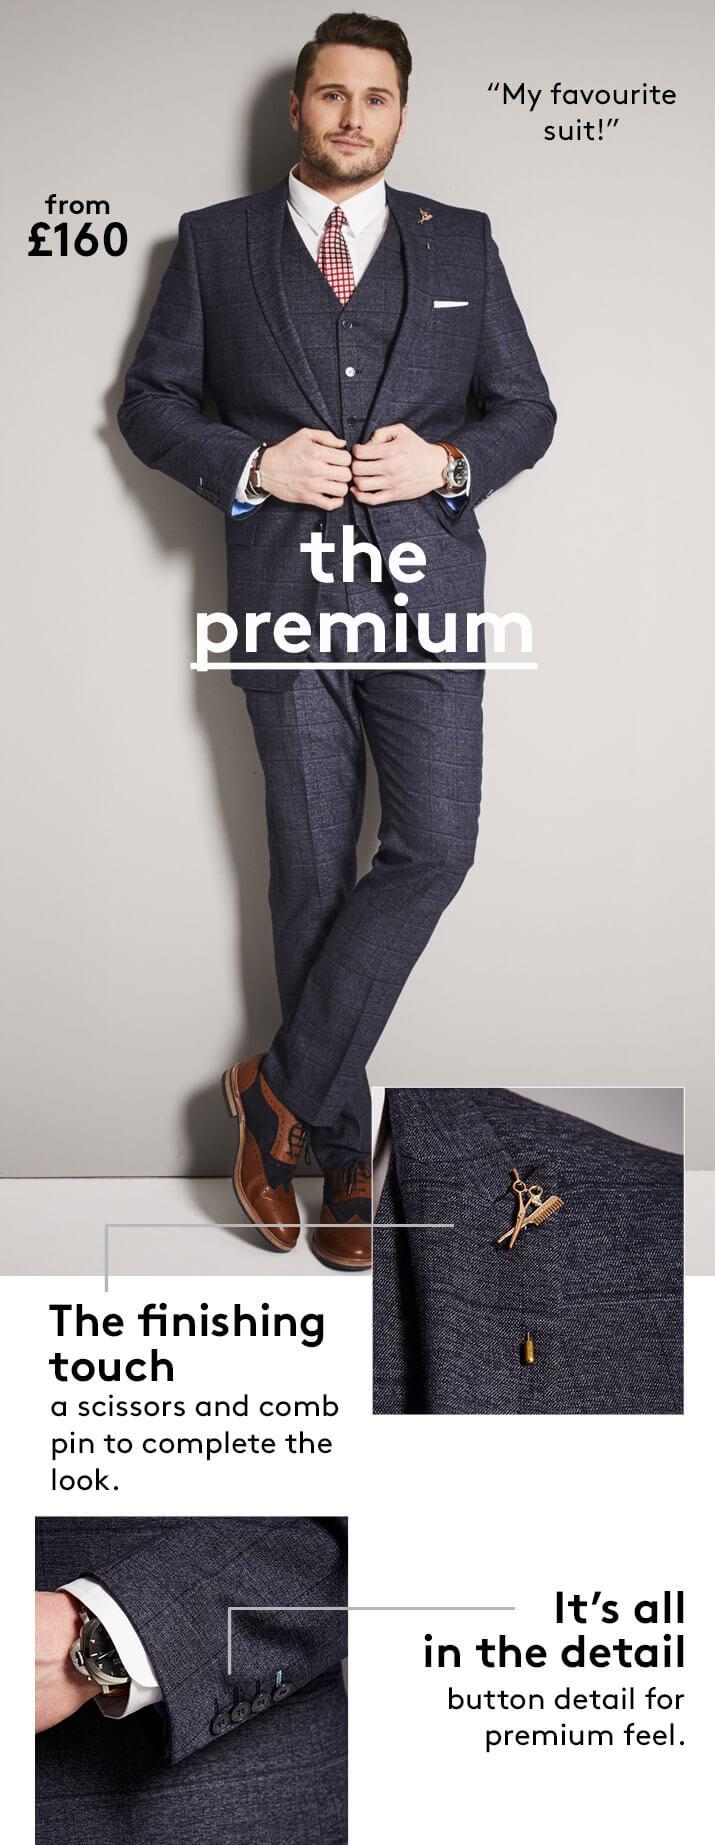 The Premium suit